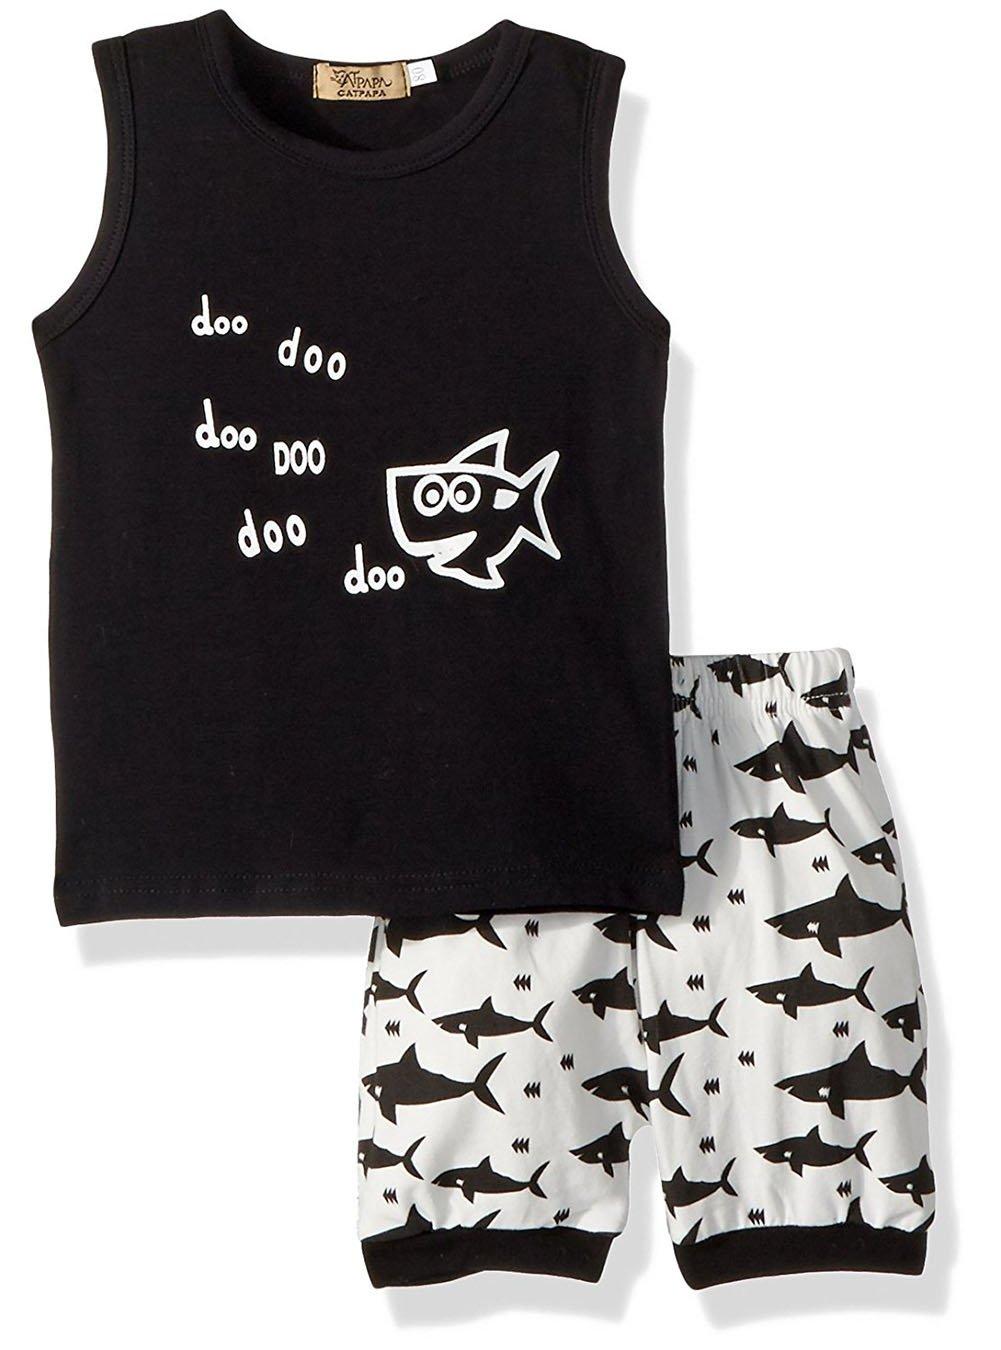 2 PCs Newborn Baby Boy Girl Summer Baby Shart Doo Sleeveless Top Short Pants Clothes Set (12-18 Months, Black)